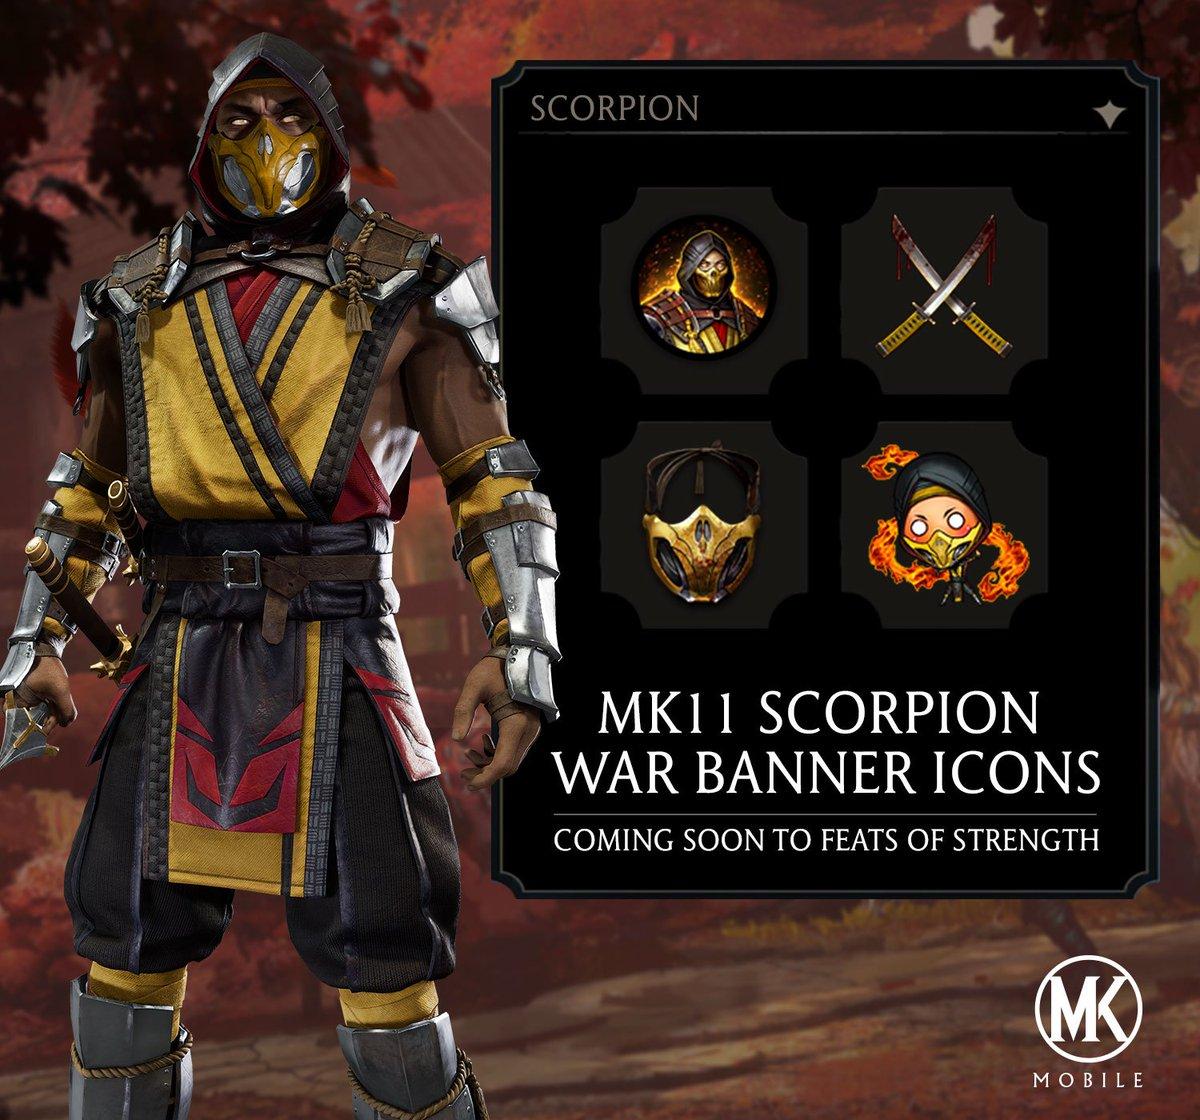 Mortal Kombat Mobile on Twitter: